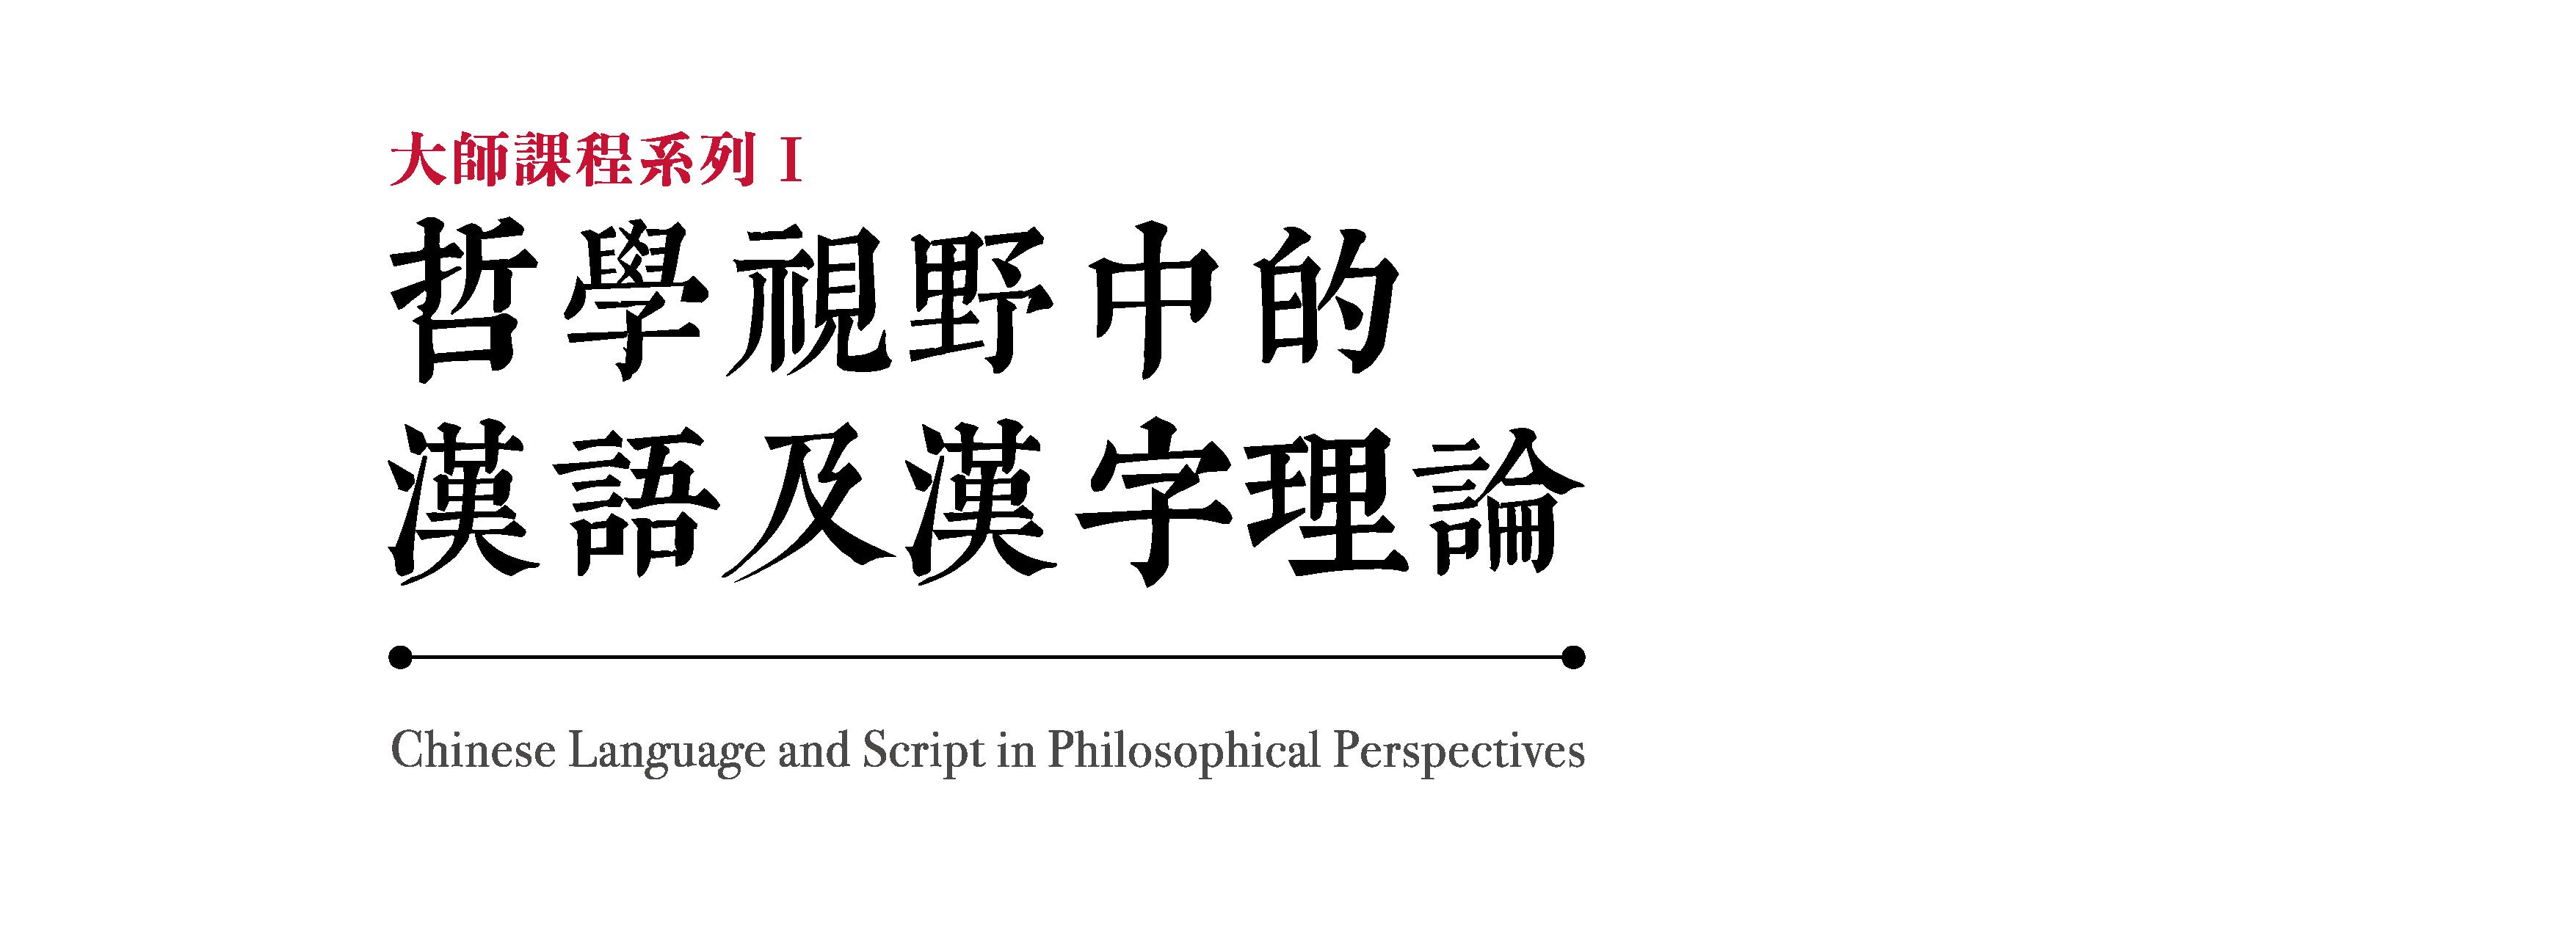 大師課程:哲學視野中的漢語及漢字理論